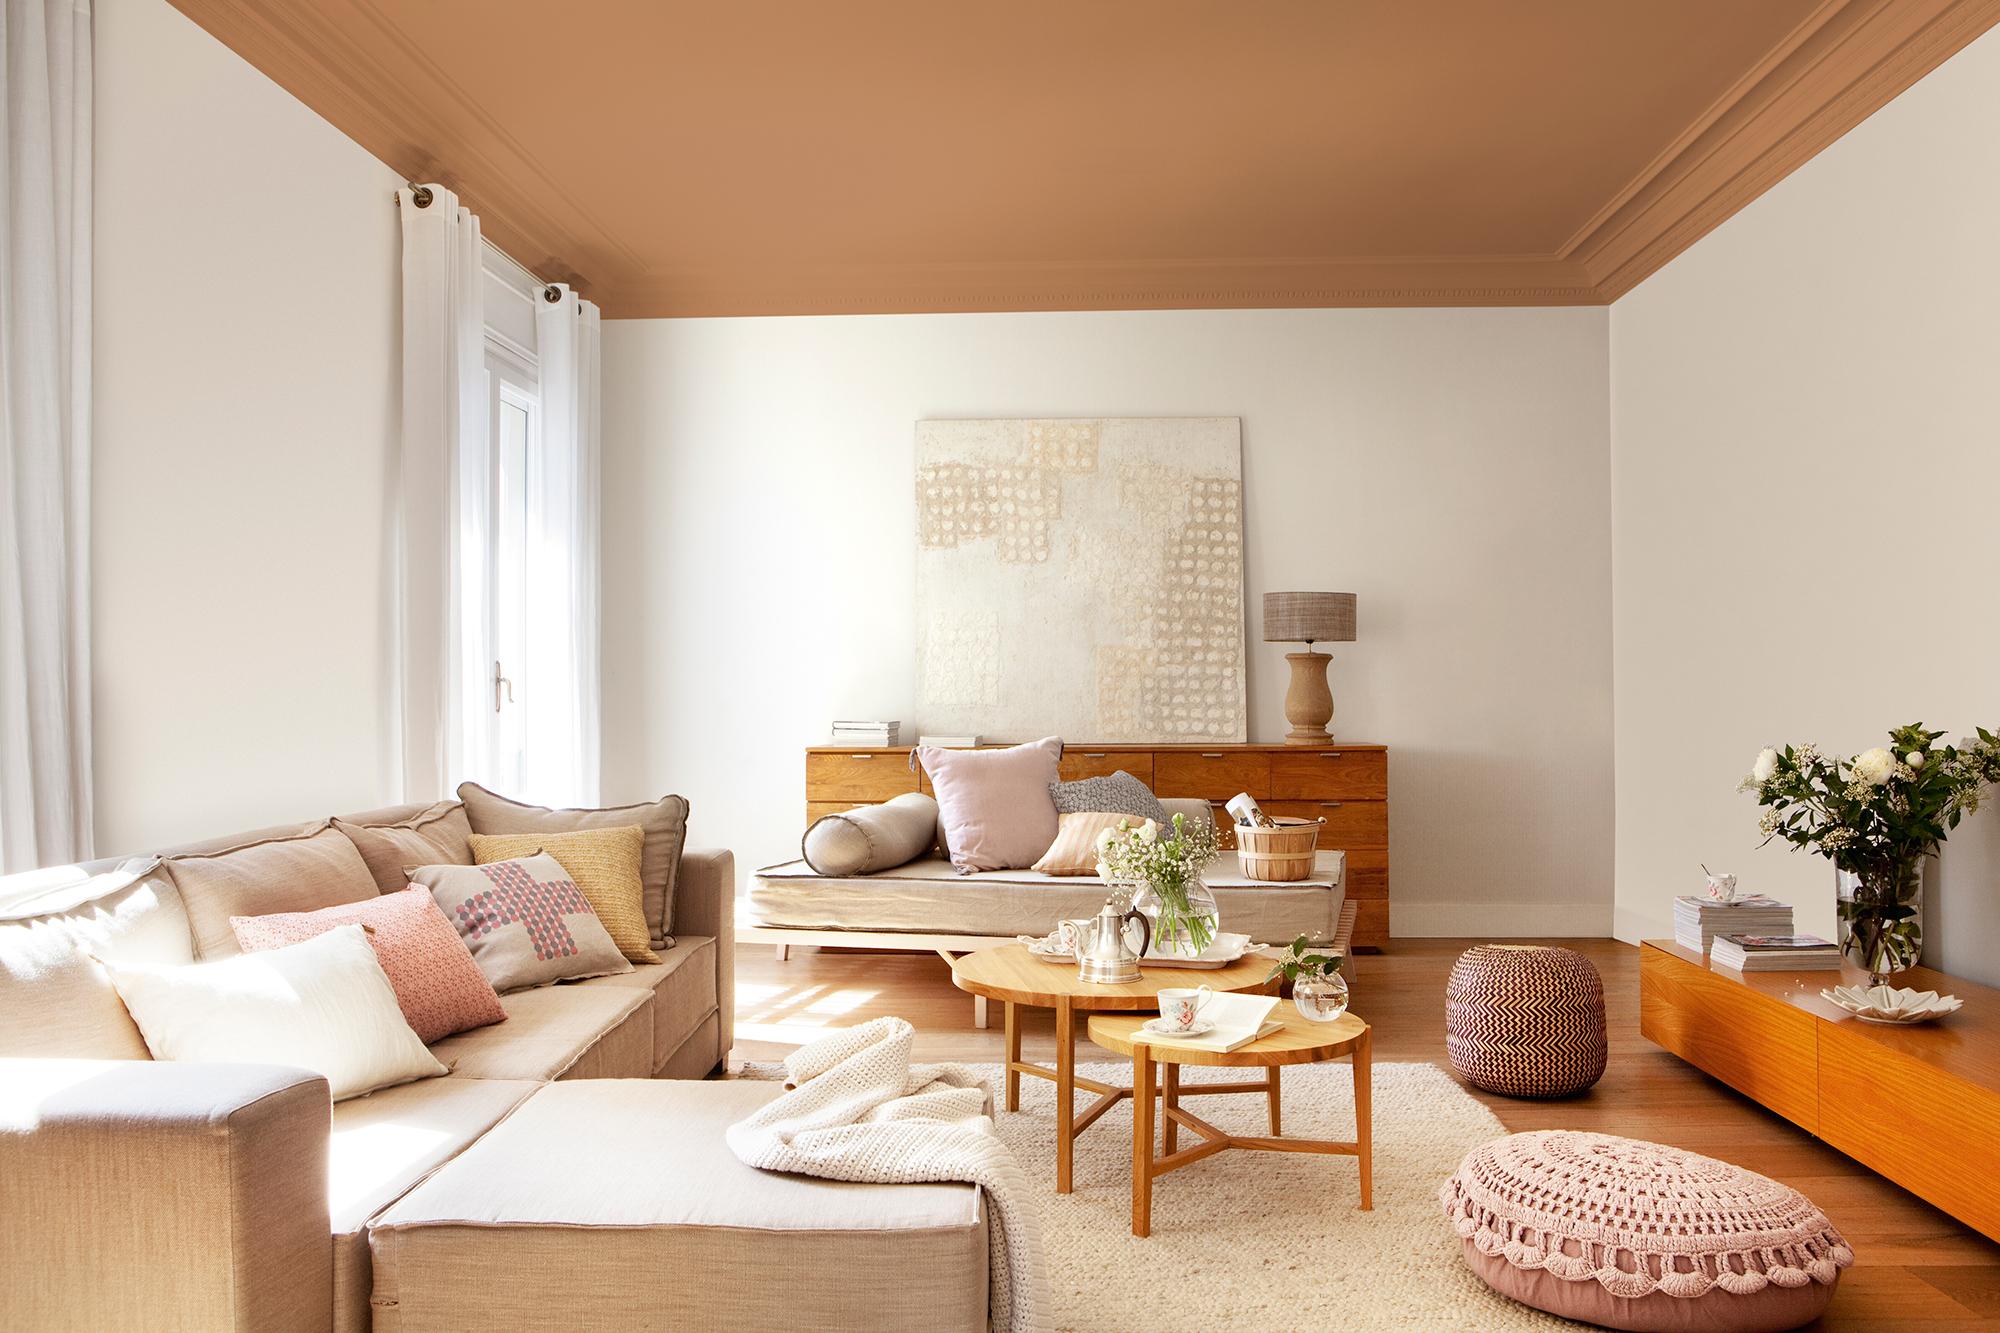 Puffs De Dise O De El Mueble # Muebles Todo En Uno